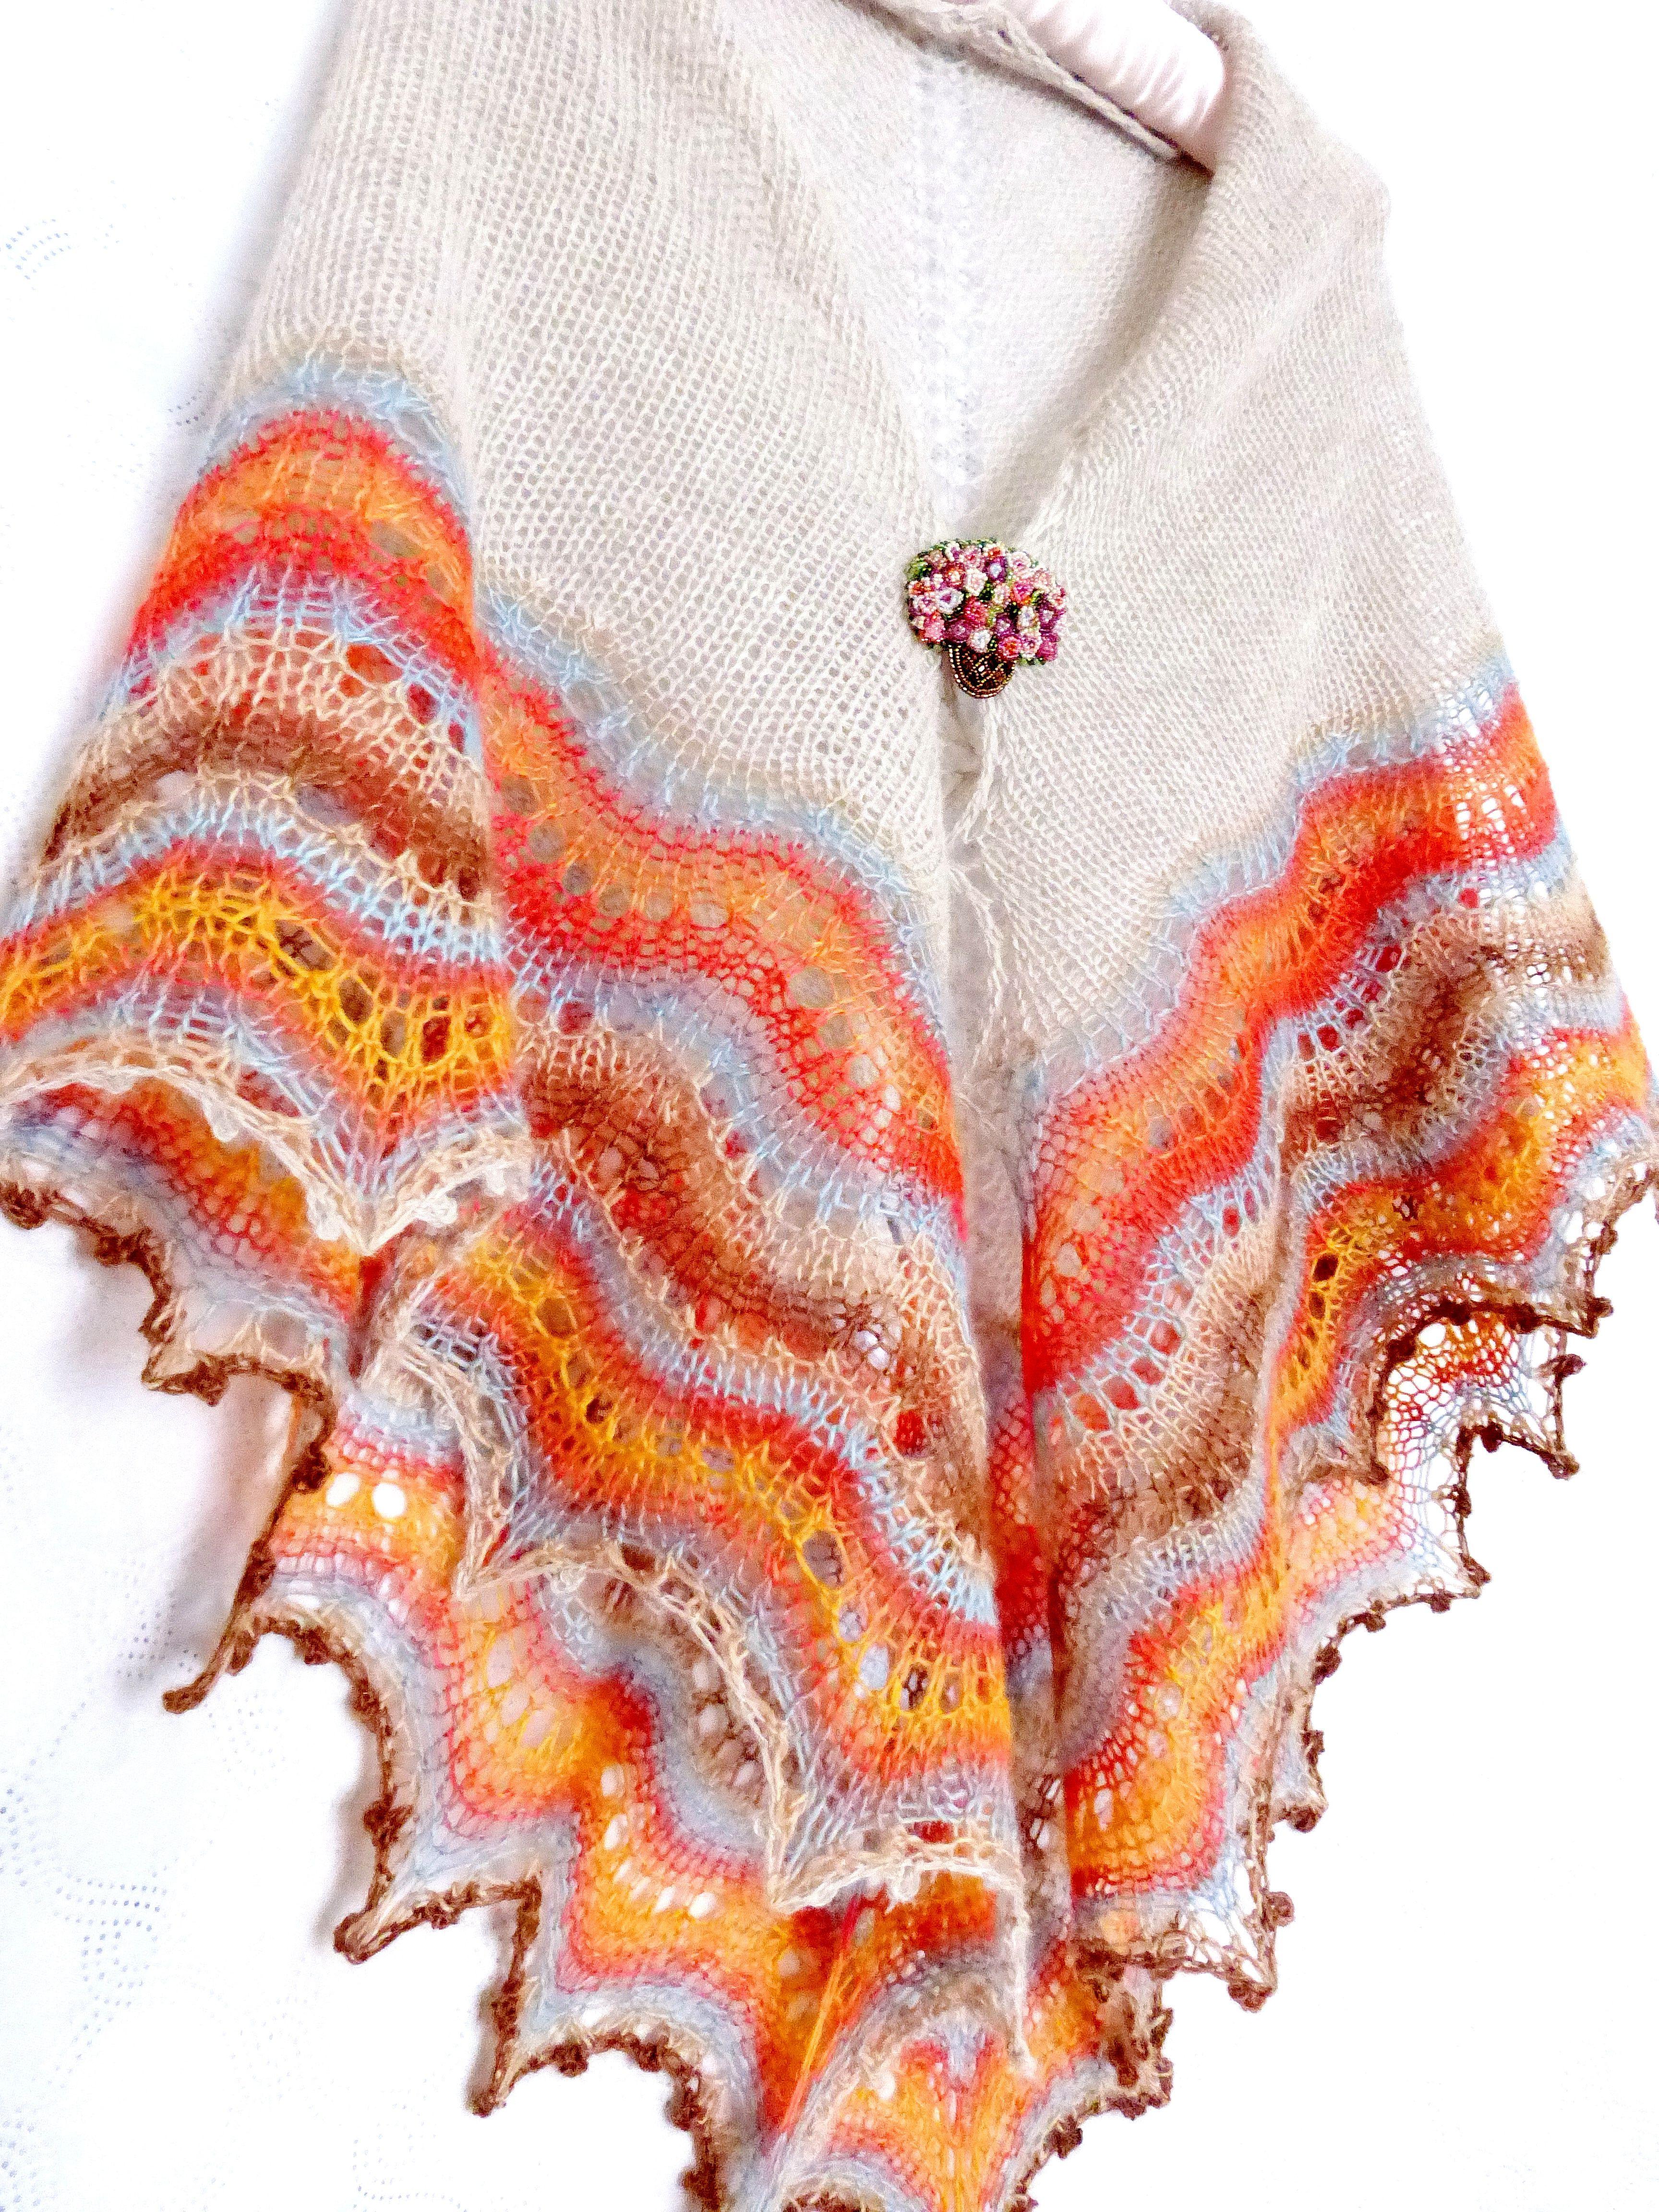 вязанаяшаль ажурнаяшаль шаль шарф вязаная шерсть накидка вязание подарок палантин ажурная платок